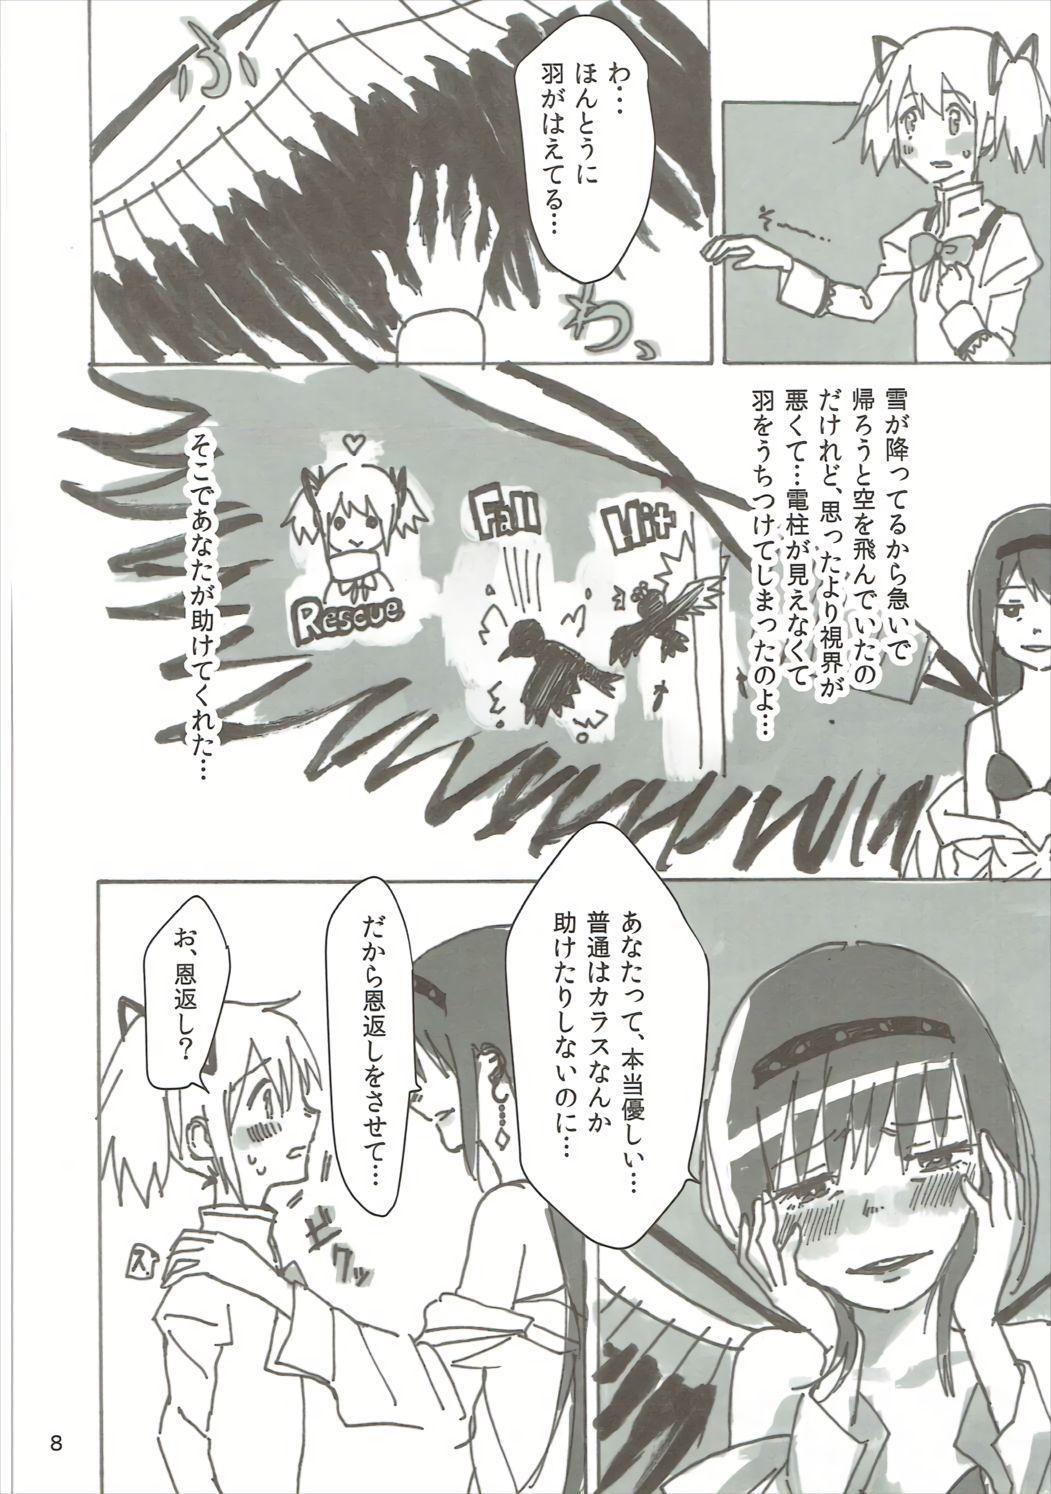 Homu no Ongaeshi 8